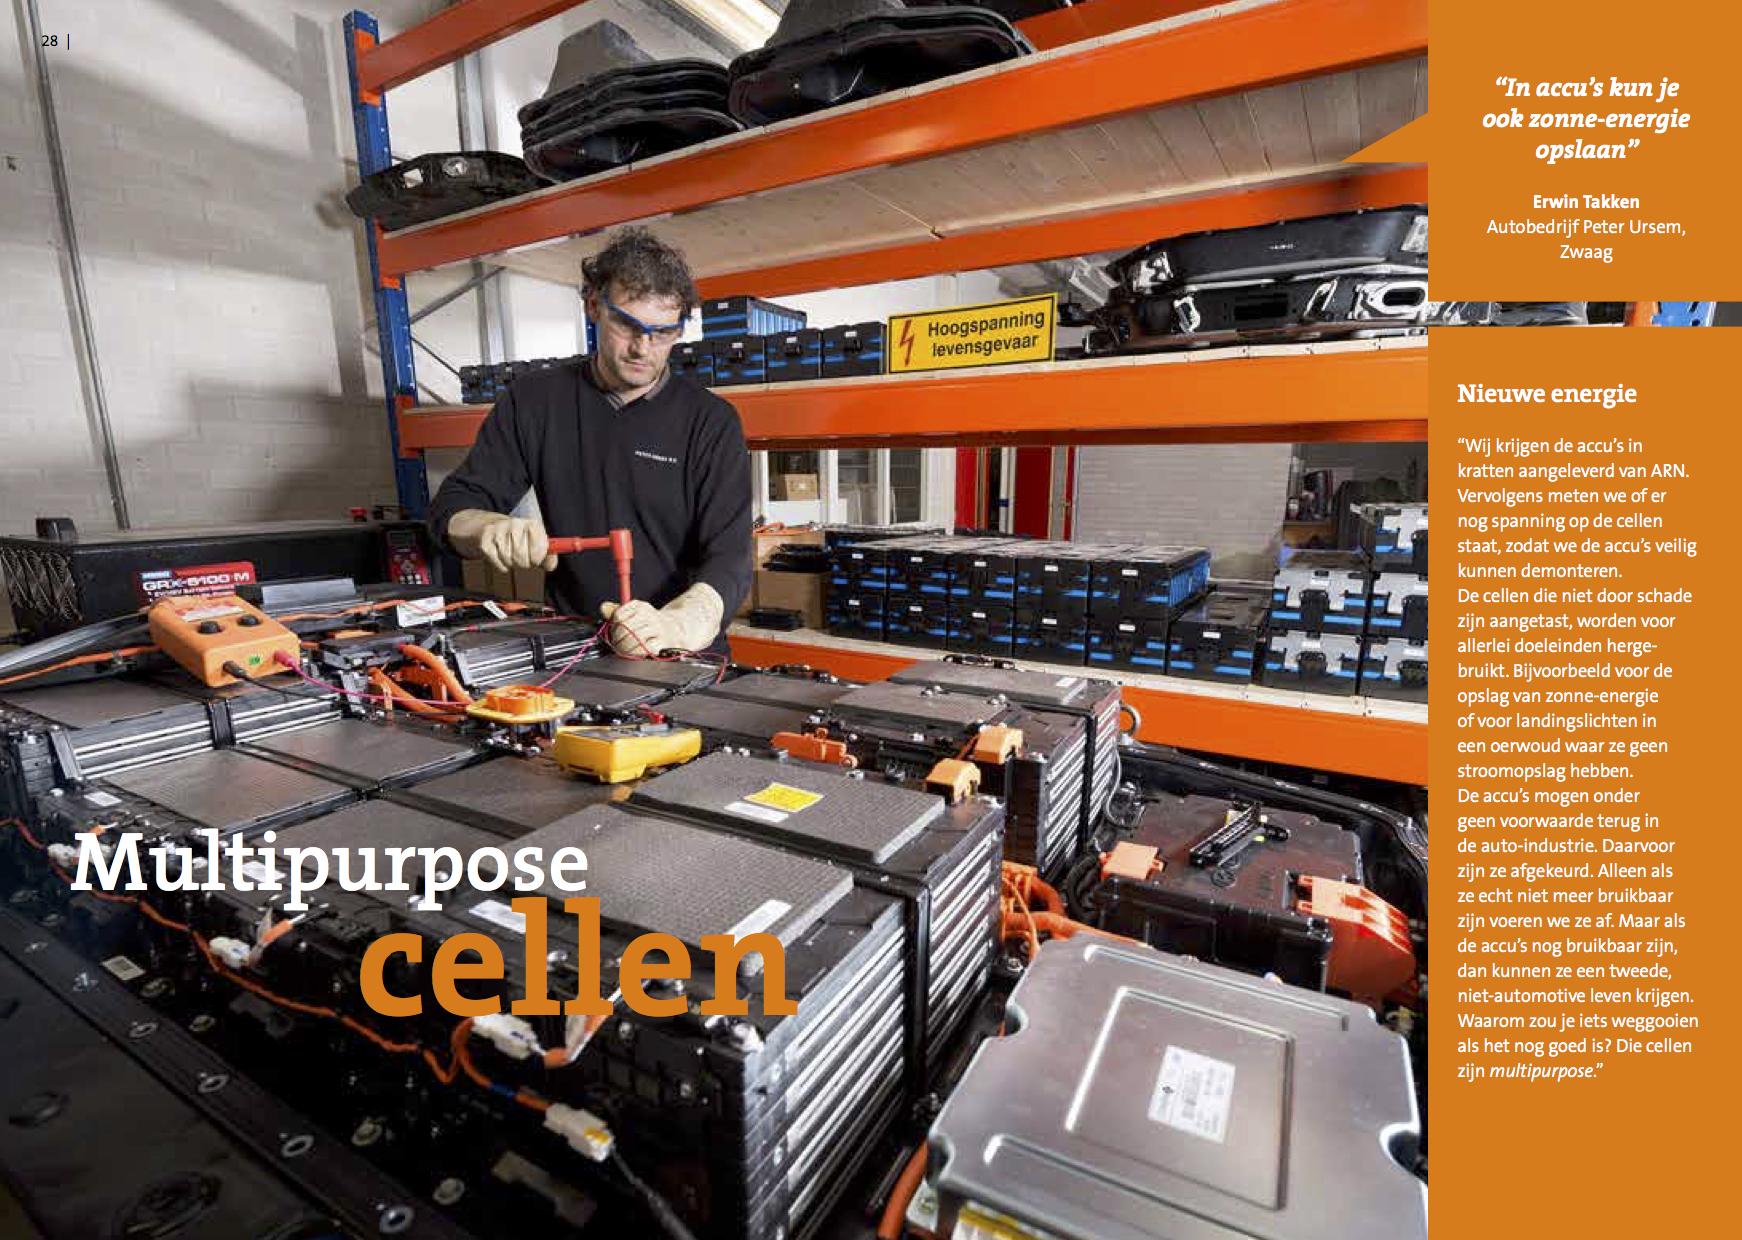 Jaarlijks brengt ARN een brochure uit (ed. 2017) met Nederlandse bedrijven uit verschillende branches werkend aan een beter autorecycling beleid. Met trots is EcarACCU nu onderdeel van dit process en samenwerkend partner met ARN.  Erwin (zie foto) is onze gecertificeerde monteur die zich bezighoud met het demonteren en testen van de batterij modules, cell bij cell. Na dit process zijn de mogelijkheden voor een 2de leven van de batterij eindeloos.